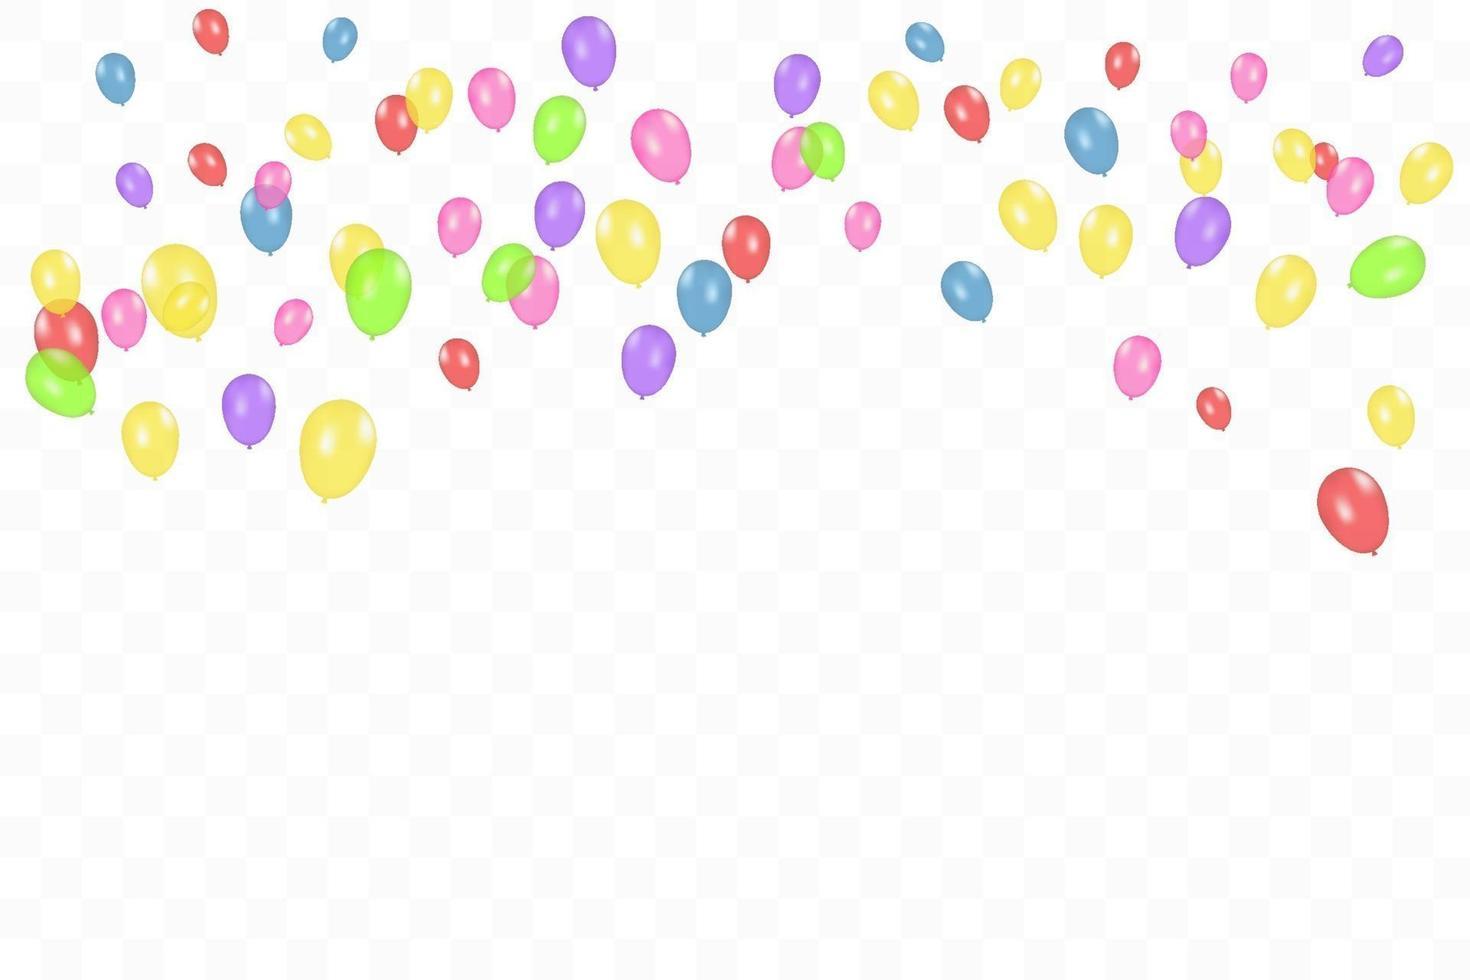 färg sammansättning av realistiska vektor ballonger isolerade. ballonger isolerade. för födelsedag gratulationskort eller andra mönster